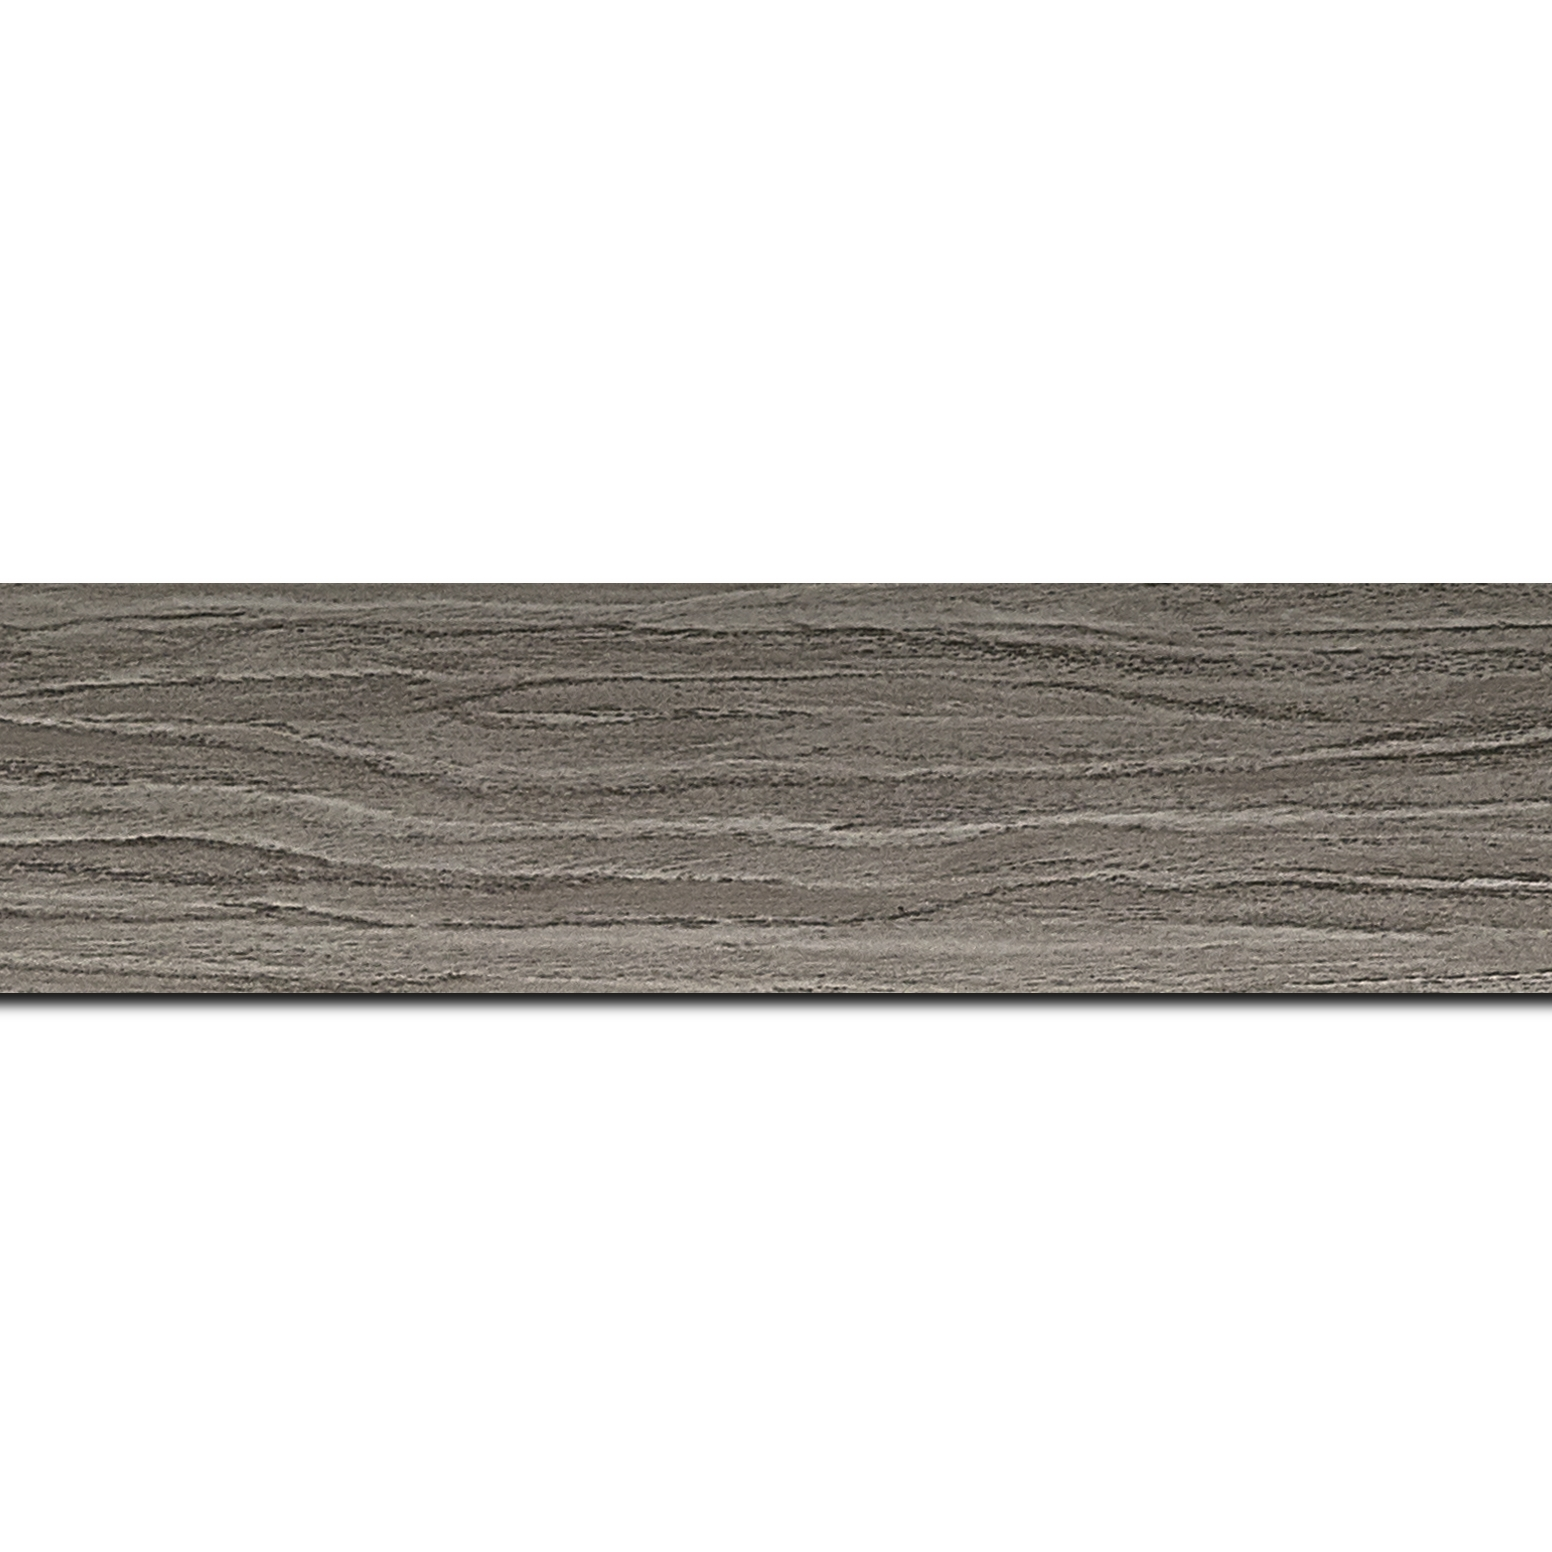 Pack par 12m, bois profil plat largeur 4.2cm décor bois gris(longueur baguette pouvant varier entre 2.40m et 3m selon arrivage des bois)